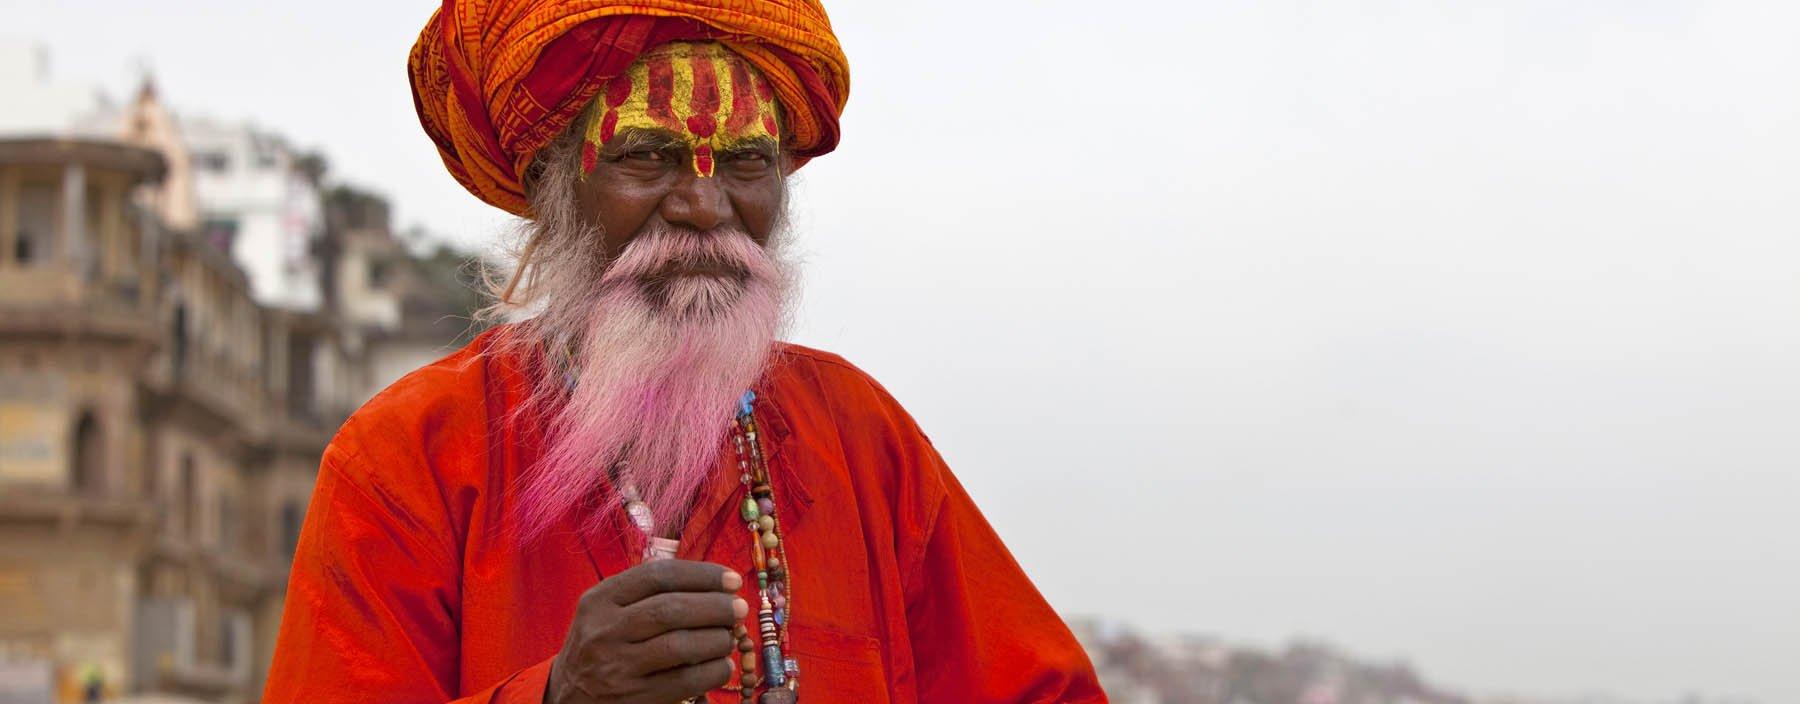 in, varanasi, sadhu at the ghats.jpg